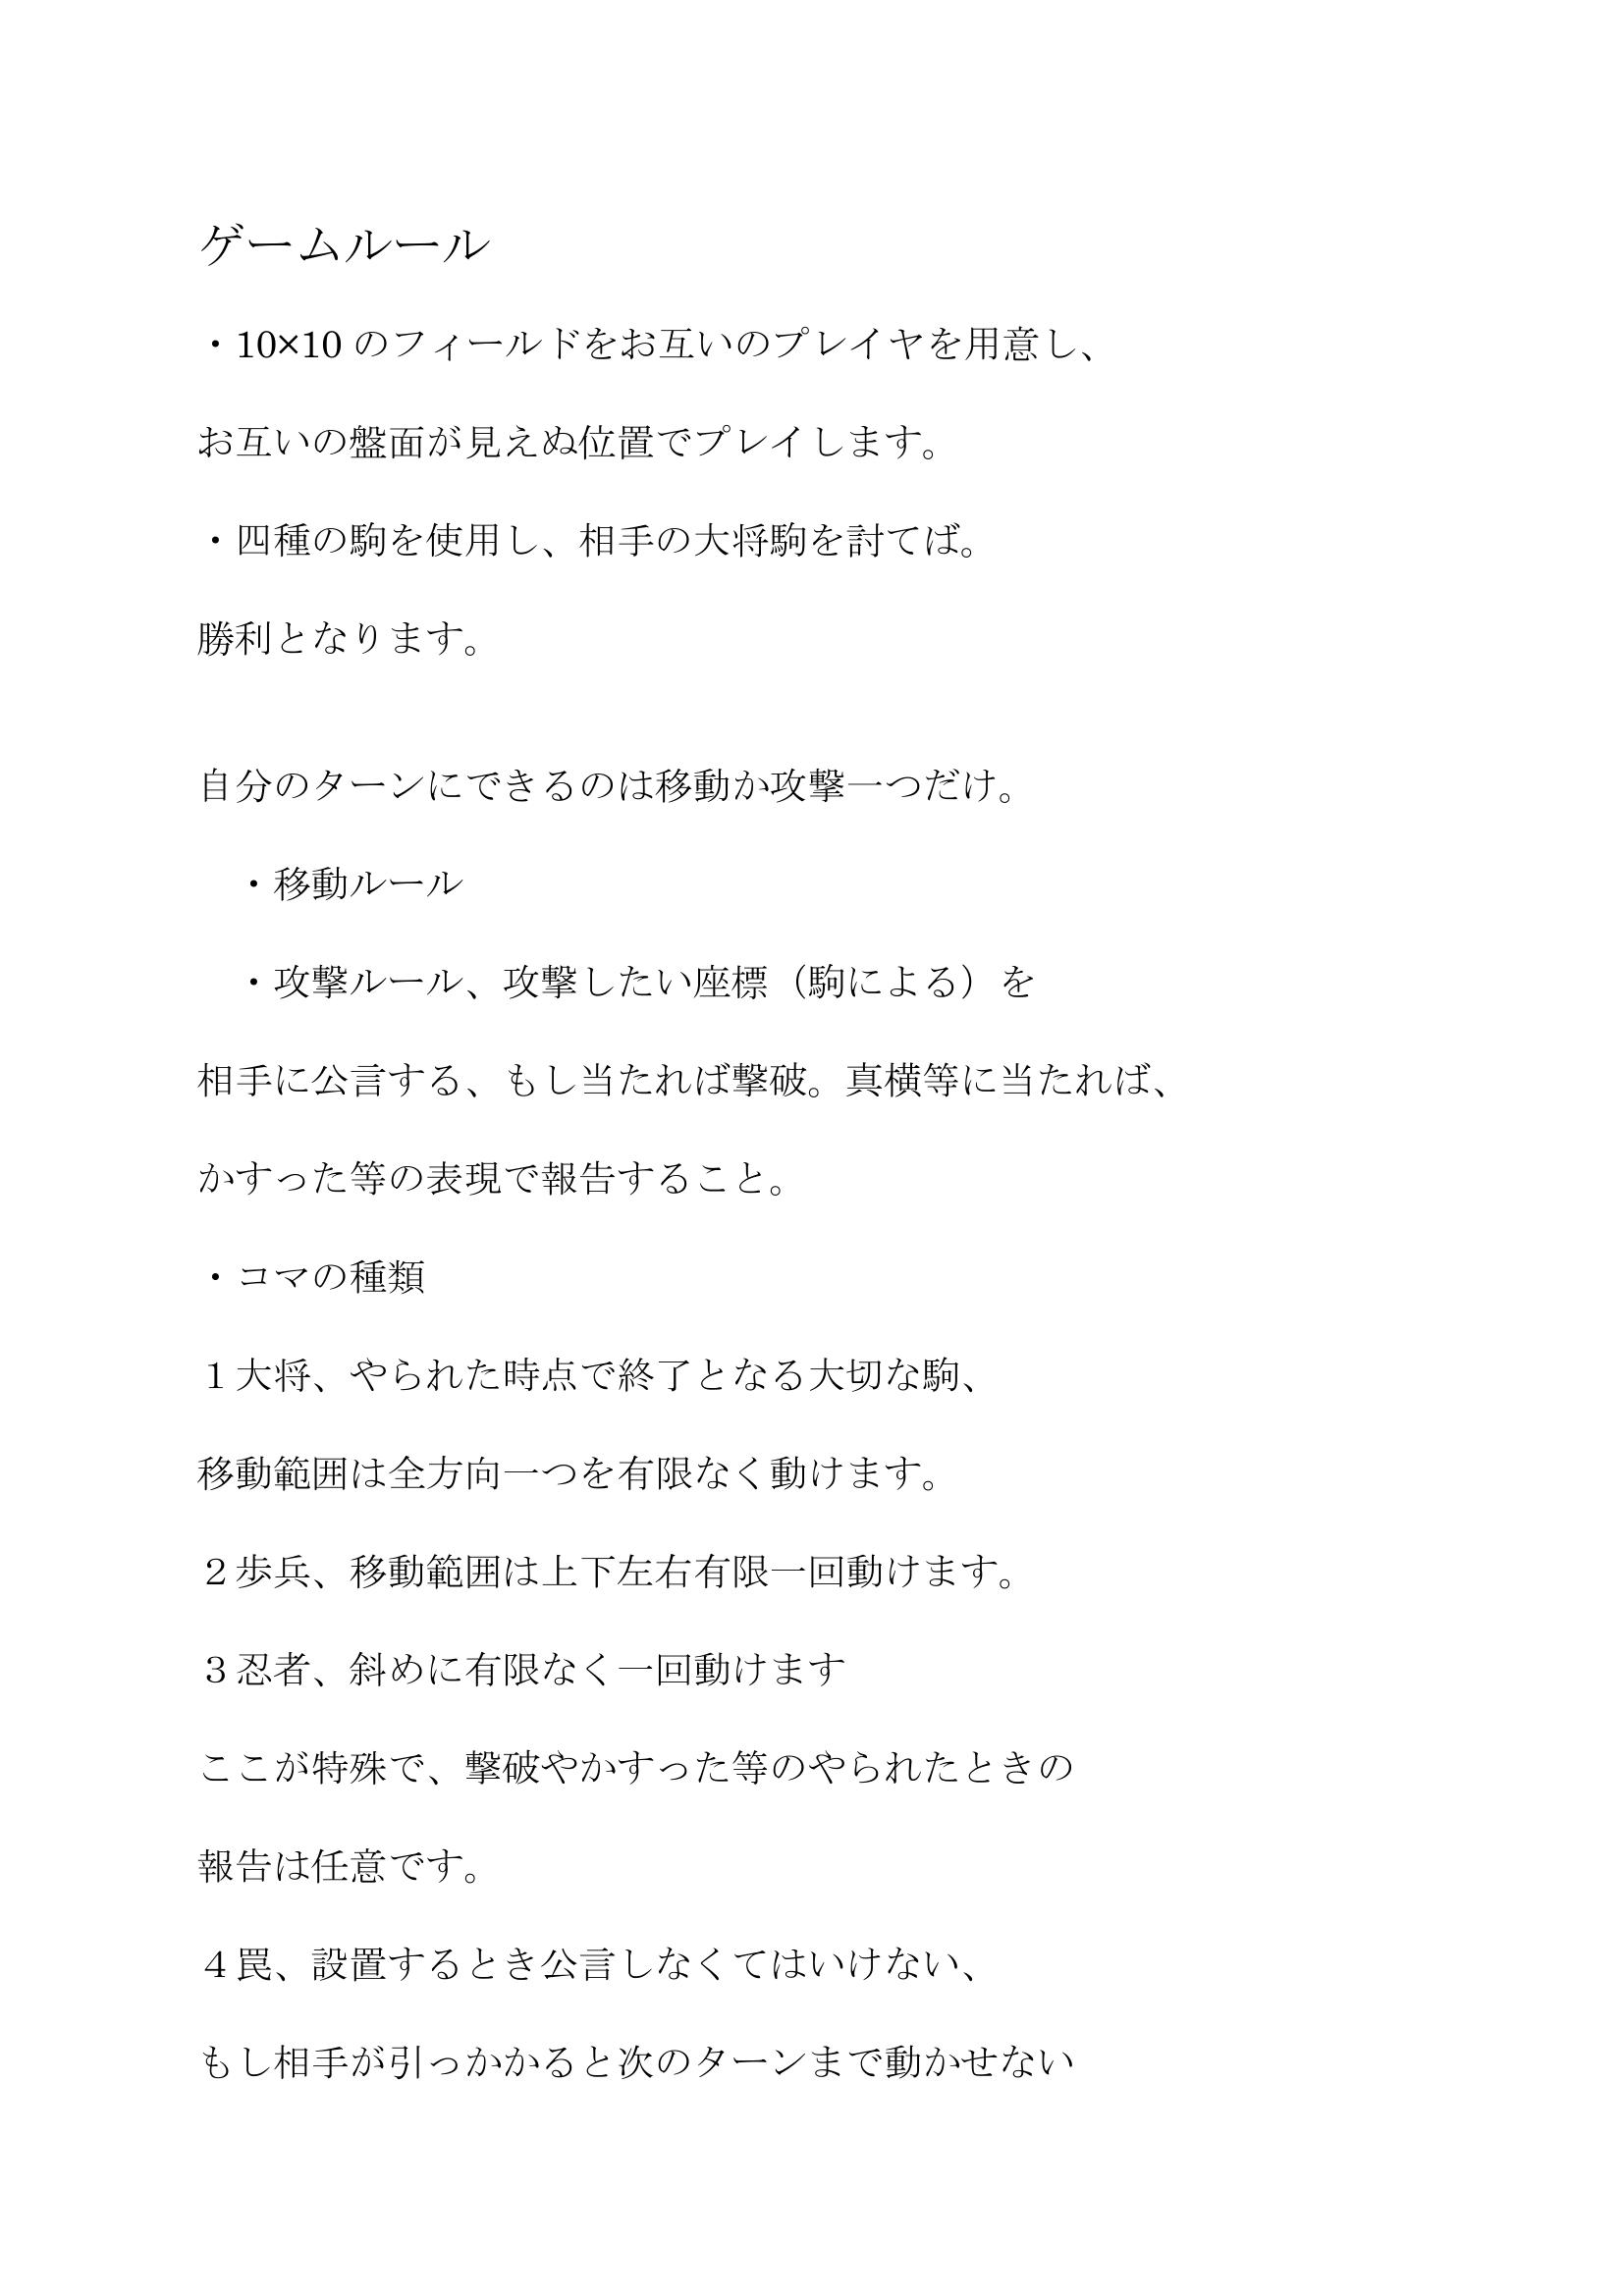 ドキュメント16-1.png